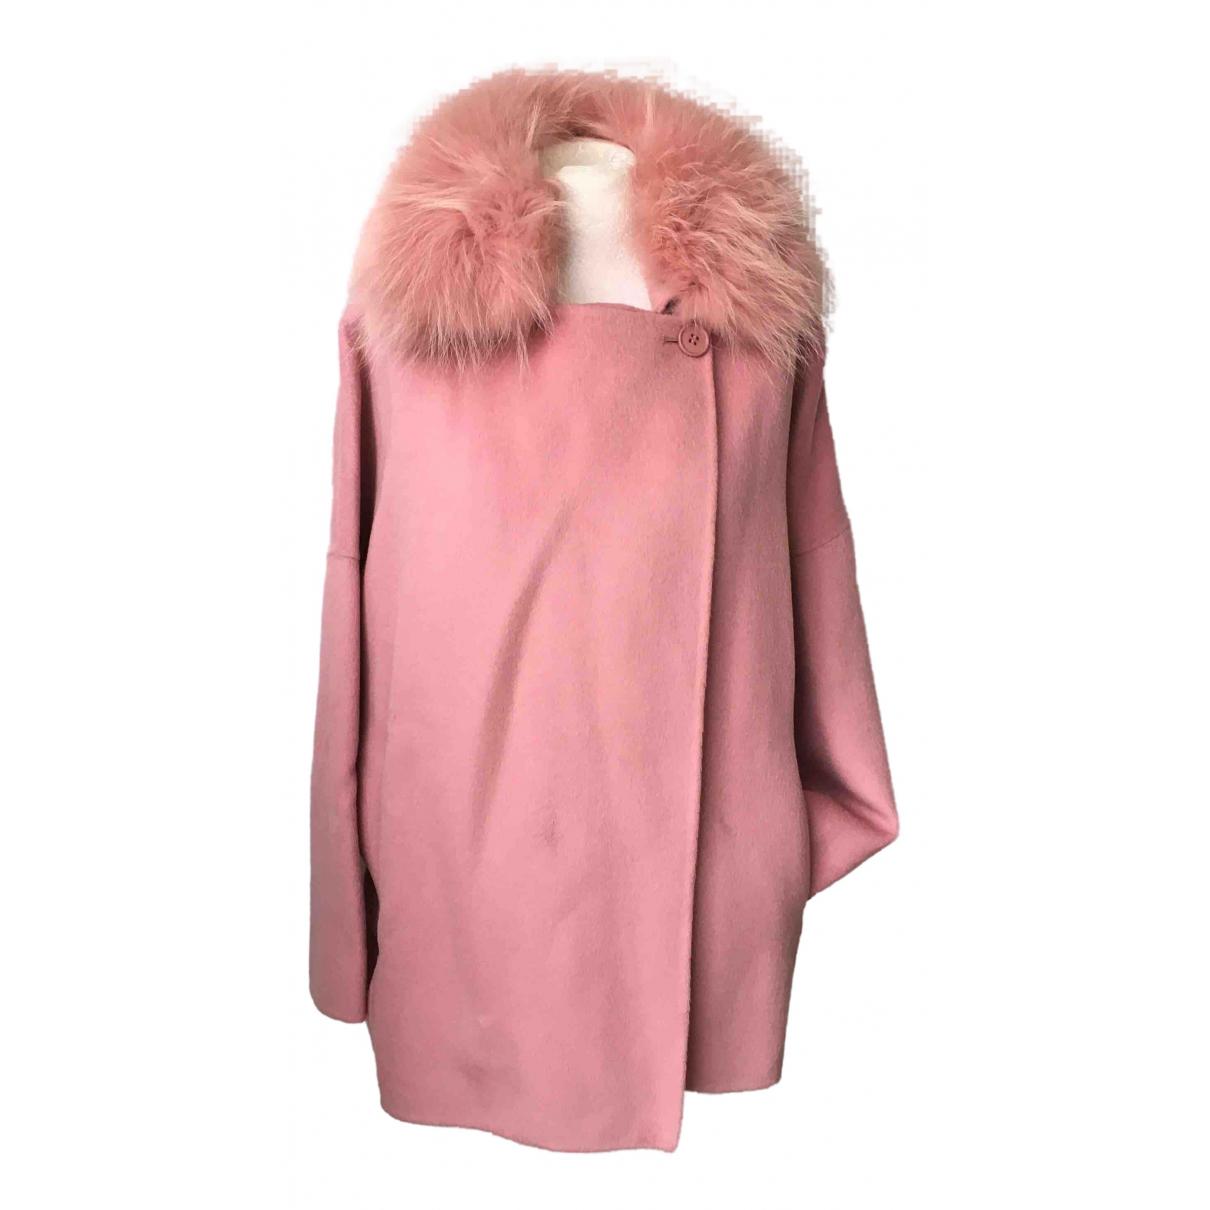 Parosh - Manteau   pour femme en laine - rose